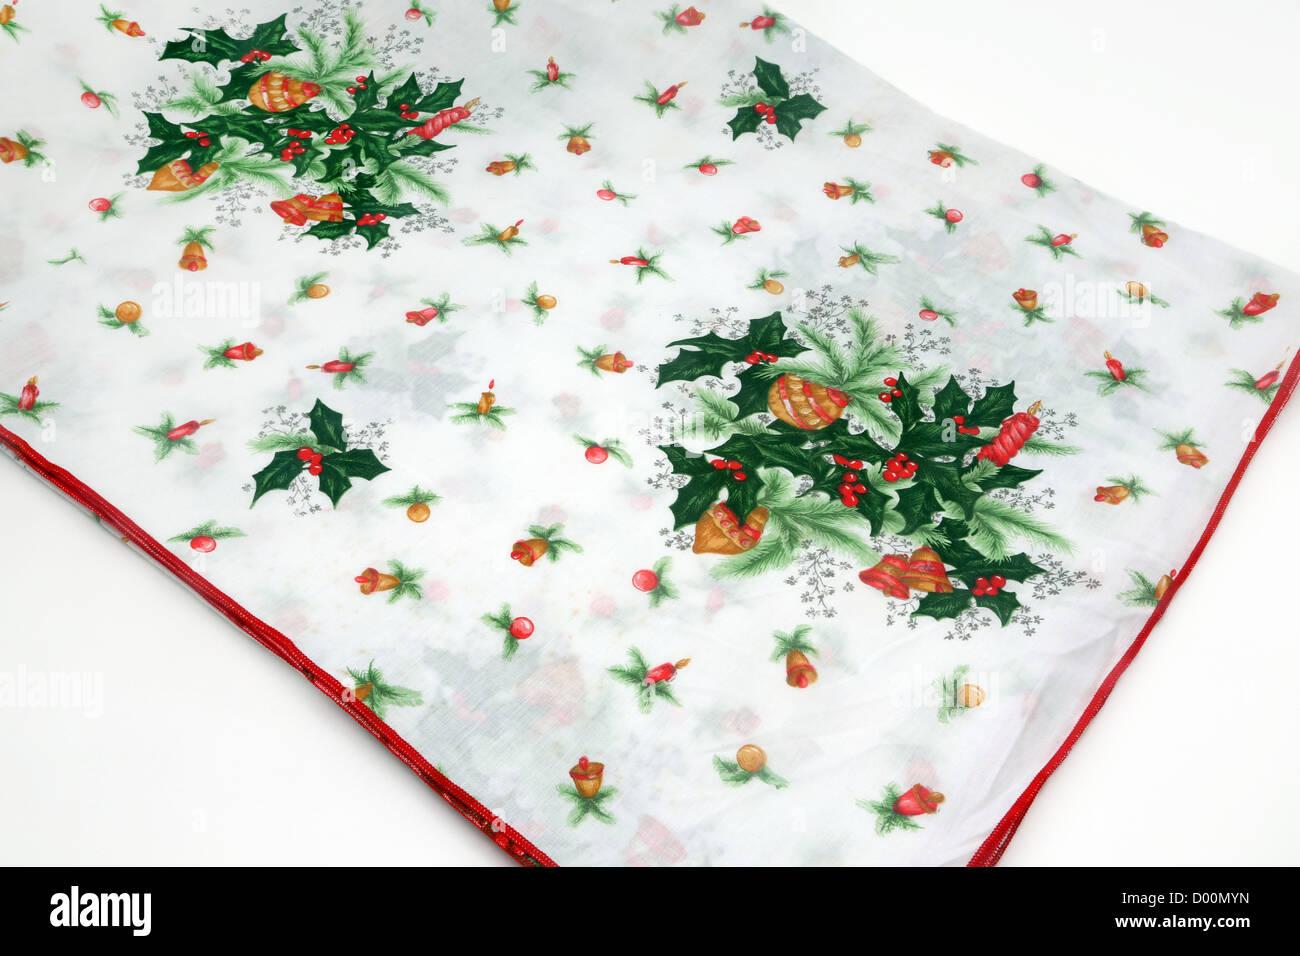 Christmas Tablecloth - Stock Image